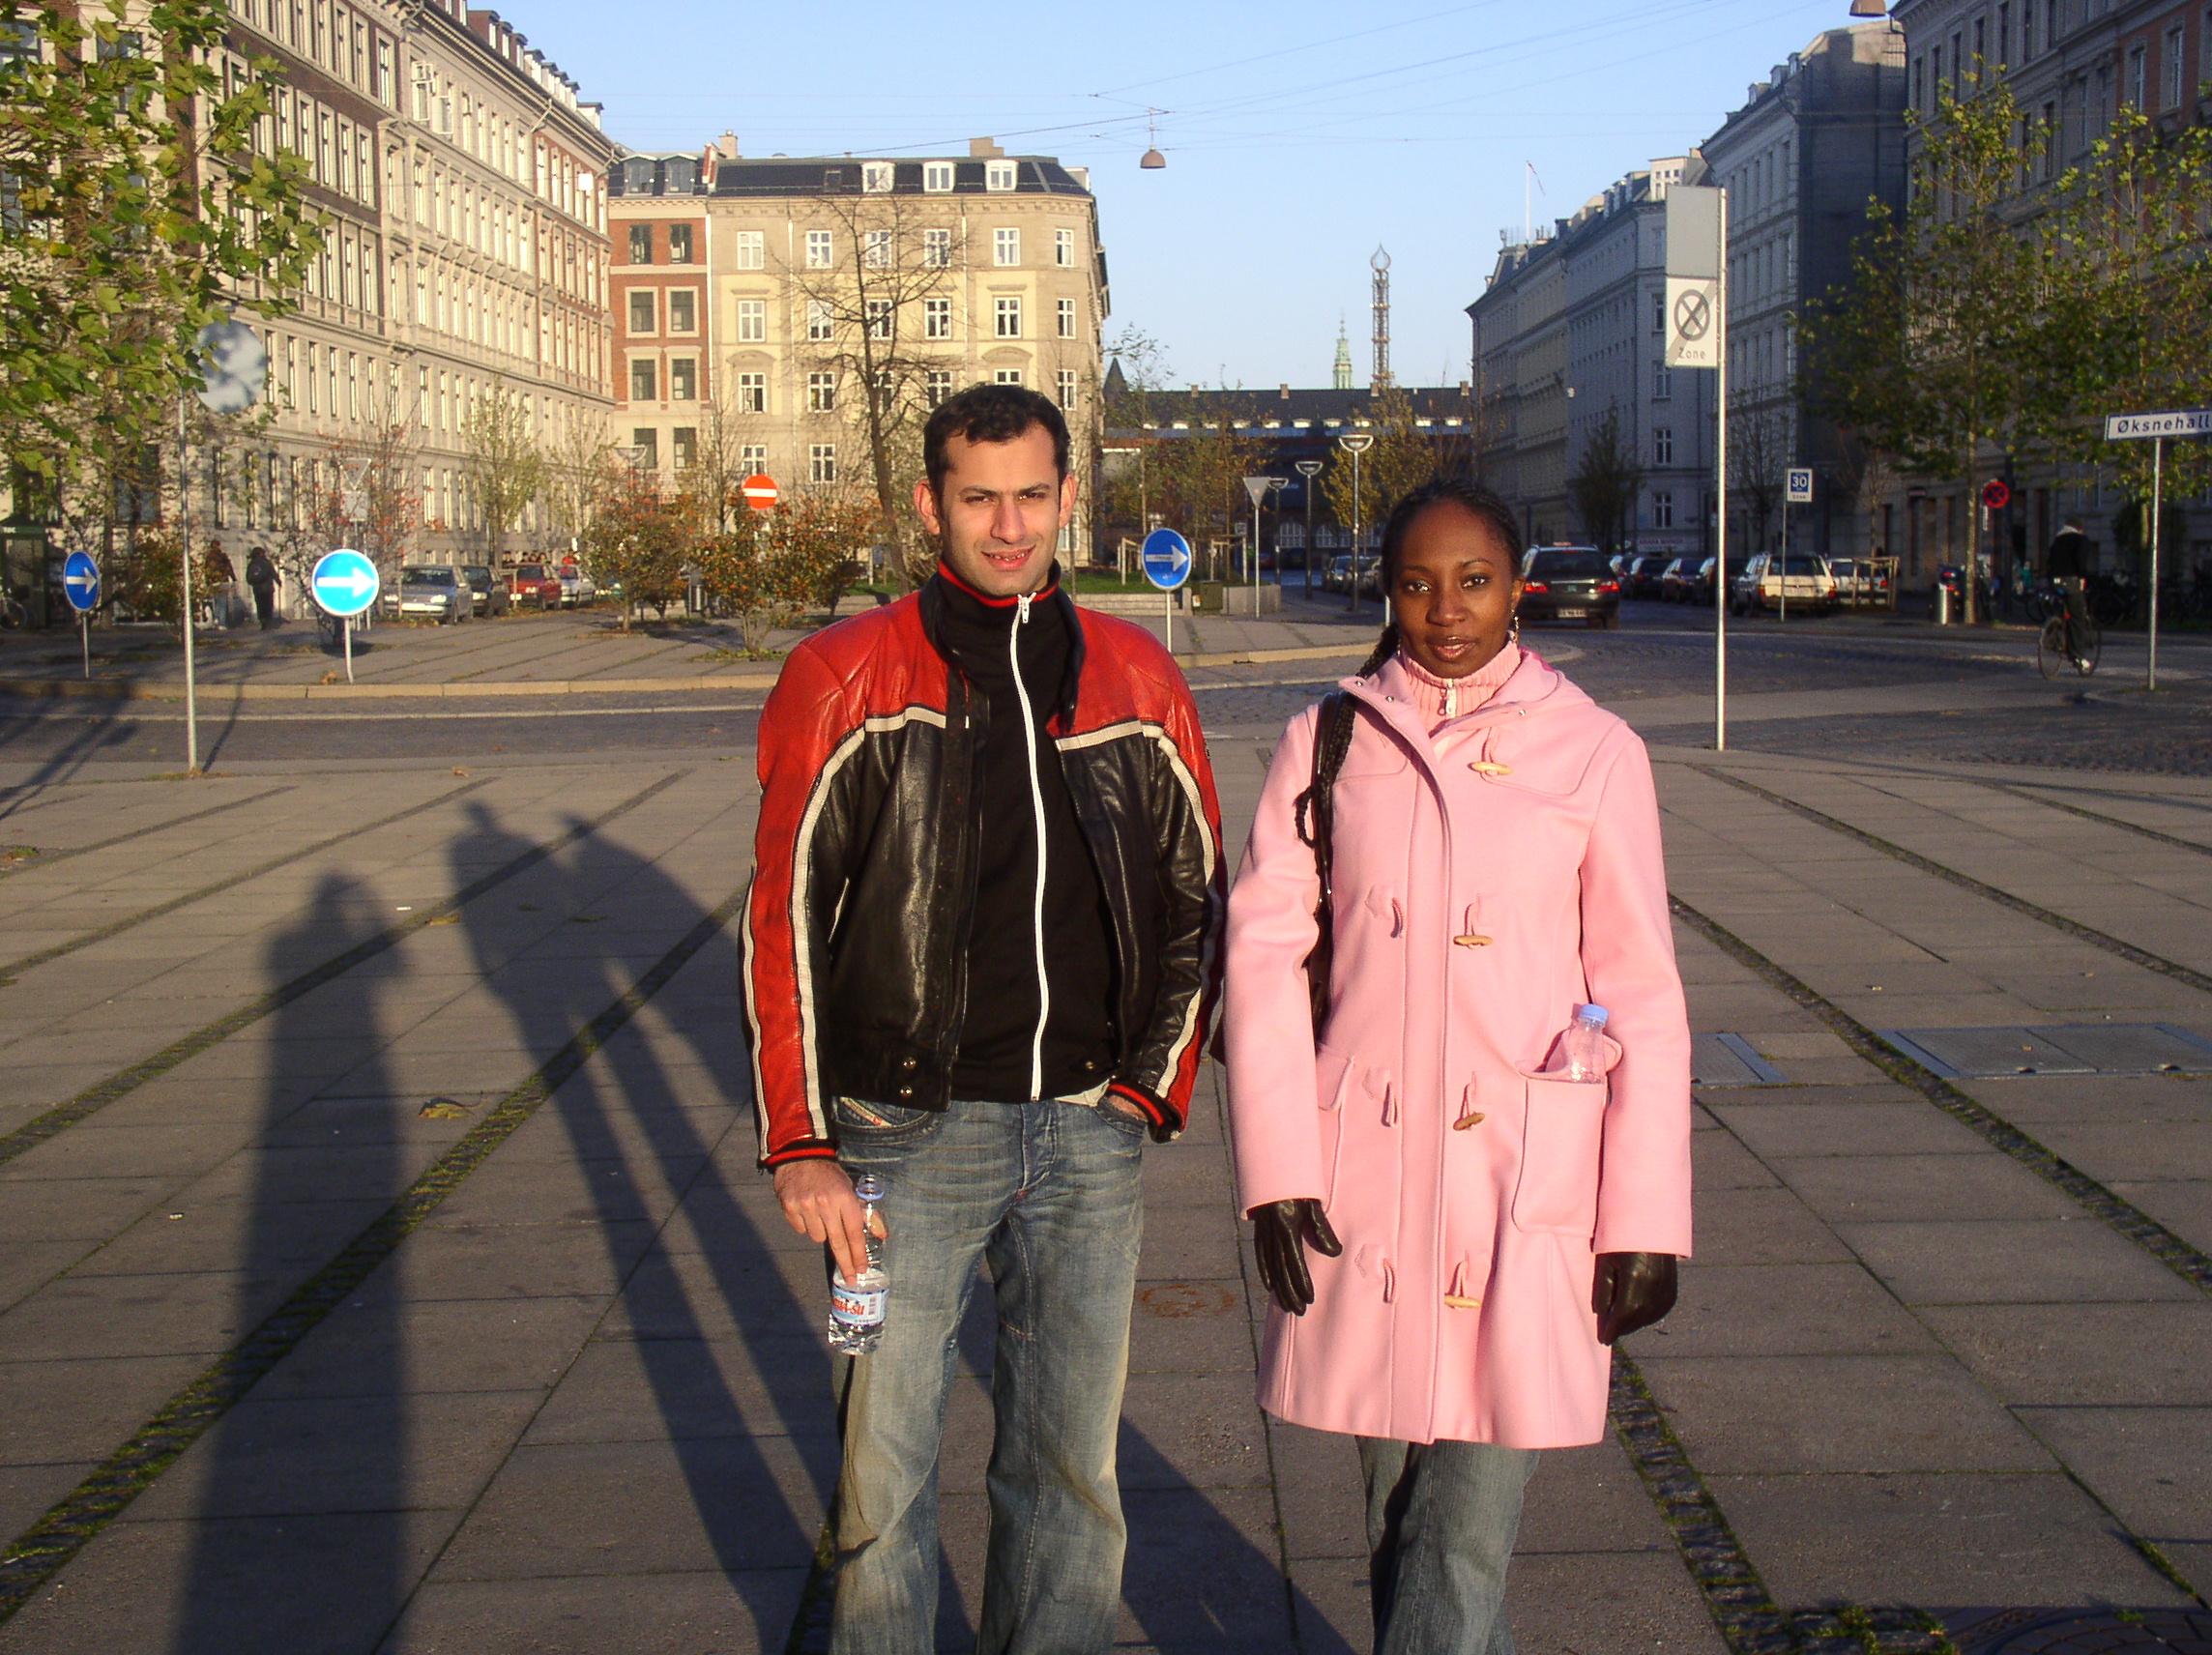 Ali & Wendy in Copenhagen, 2004